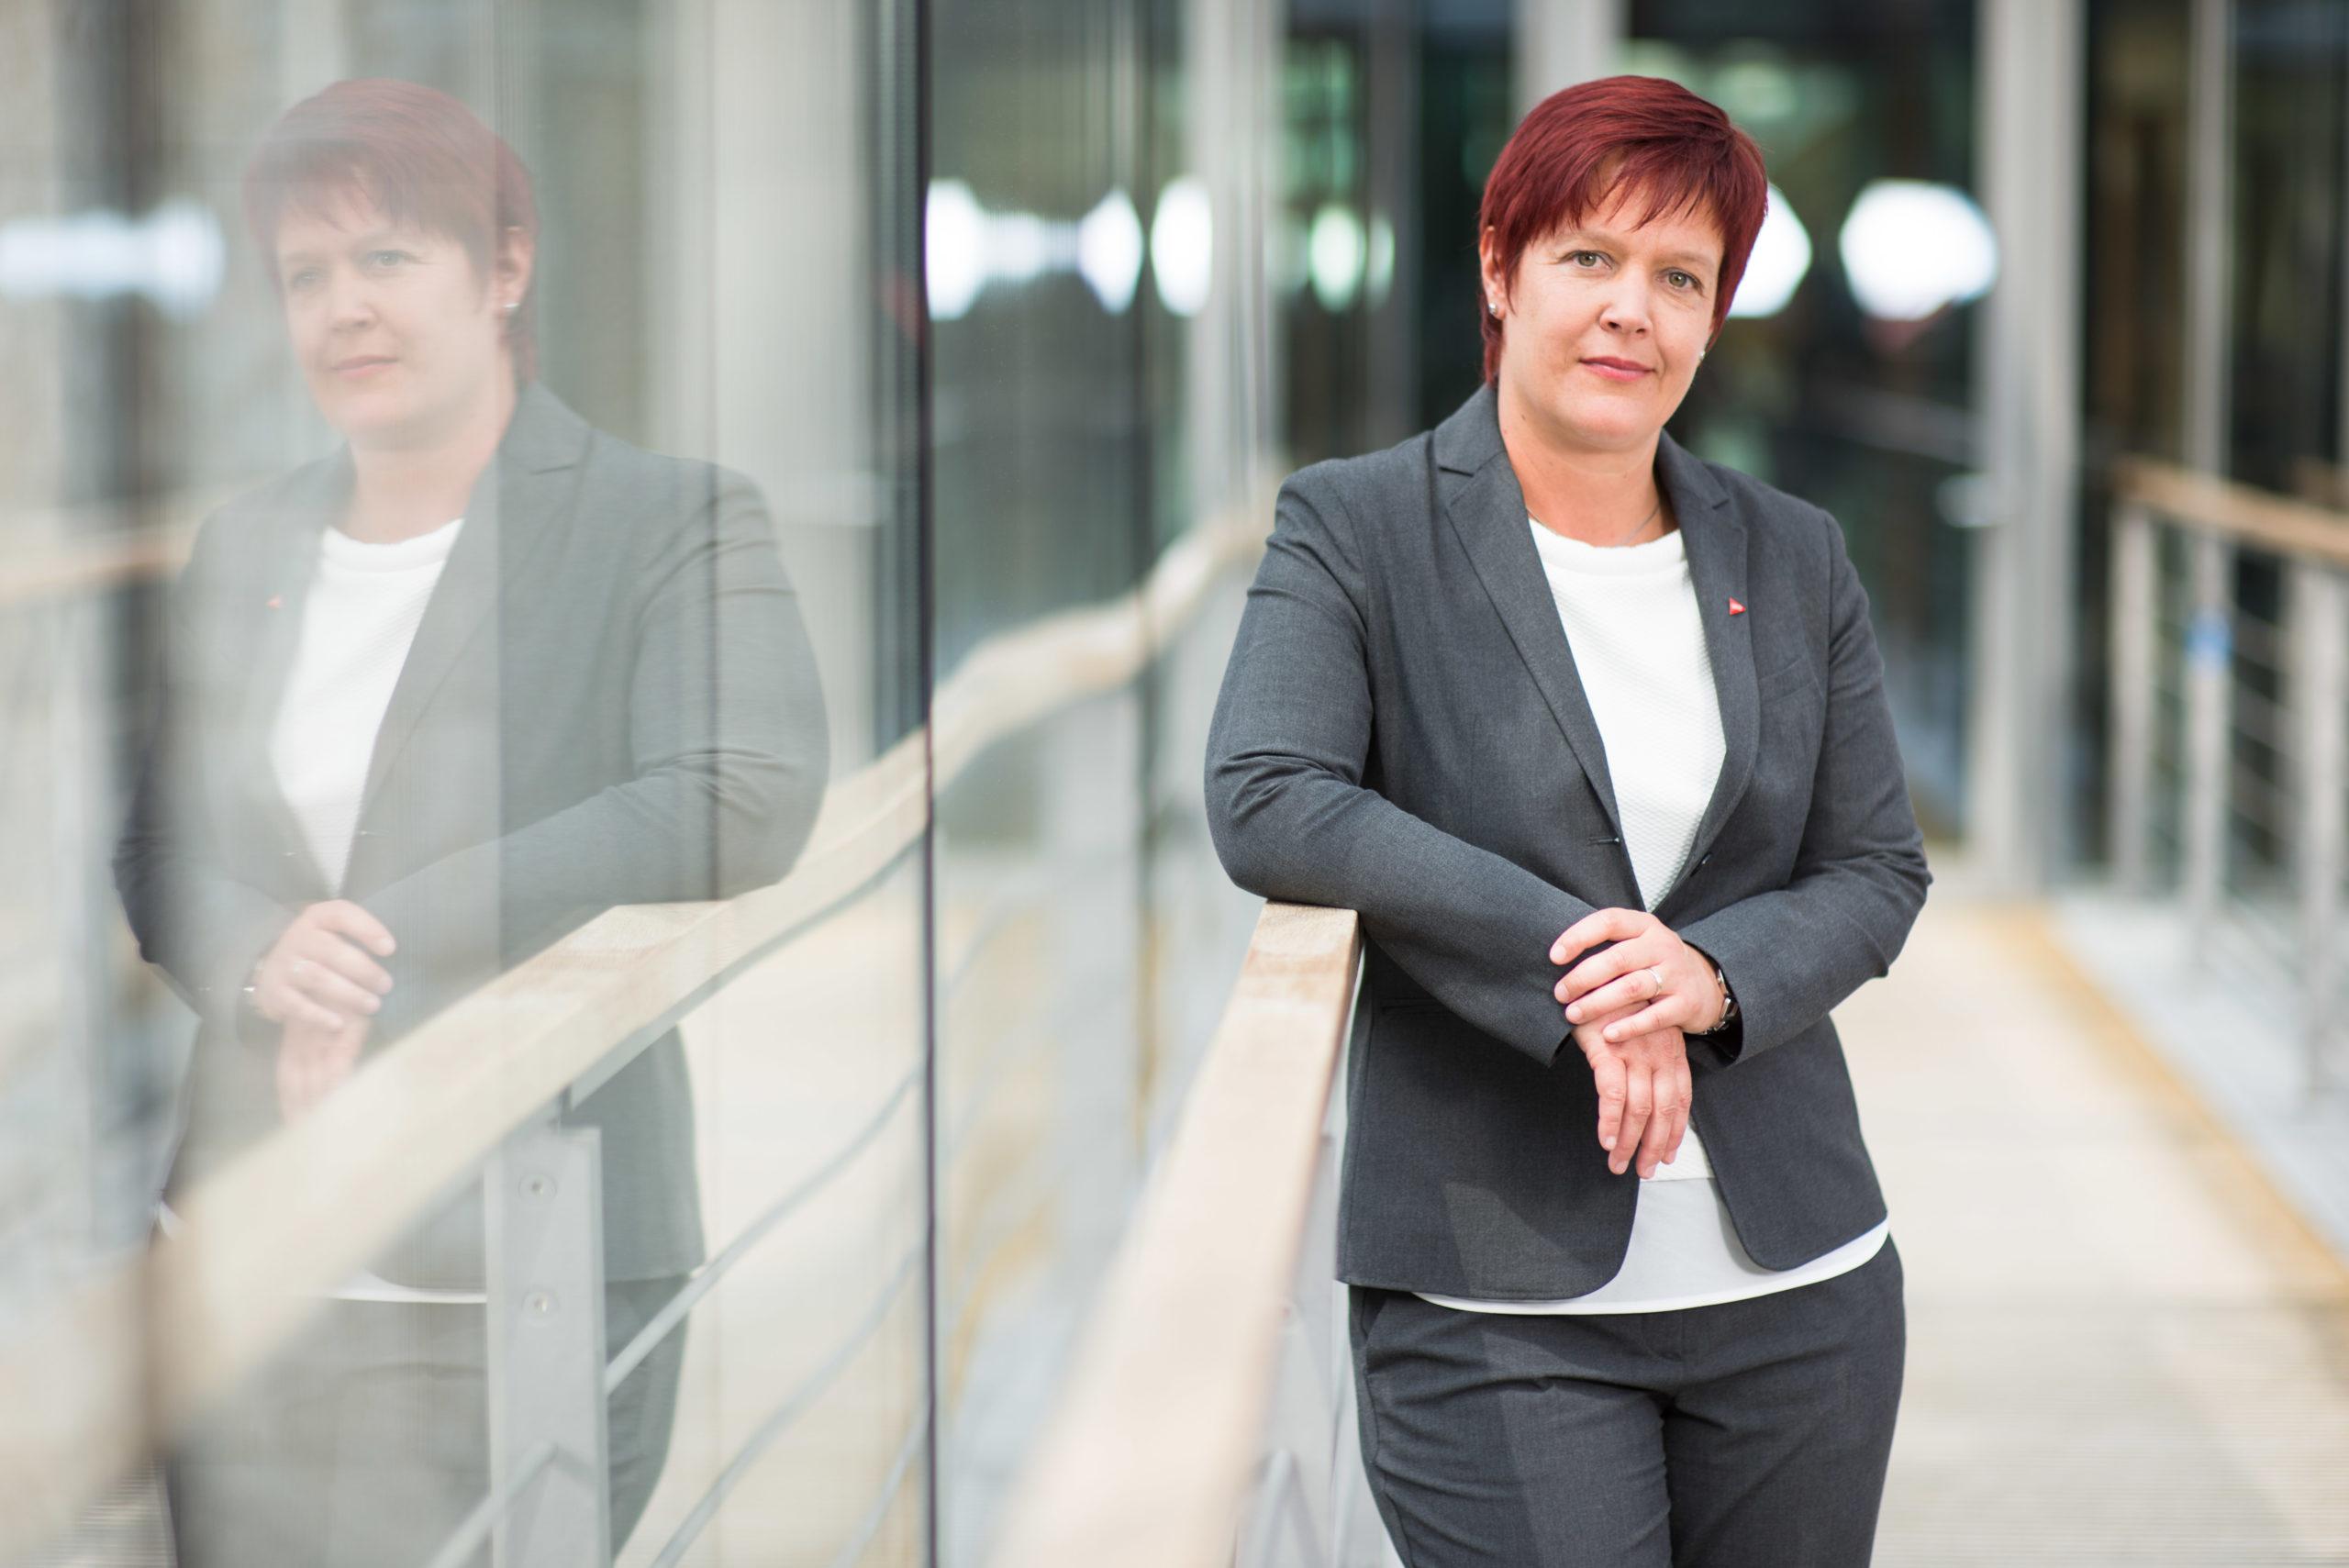 Susanne Ferschl